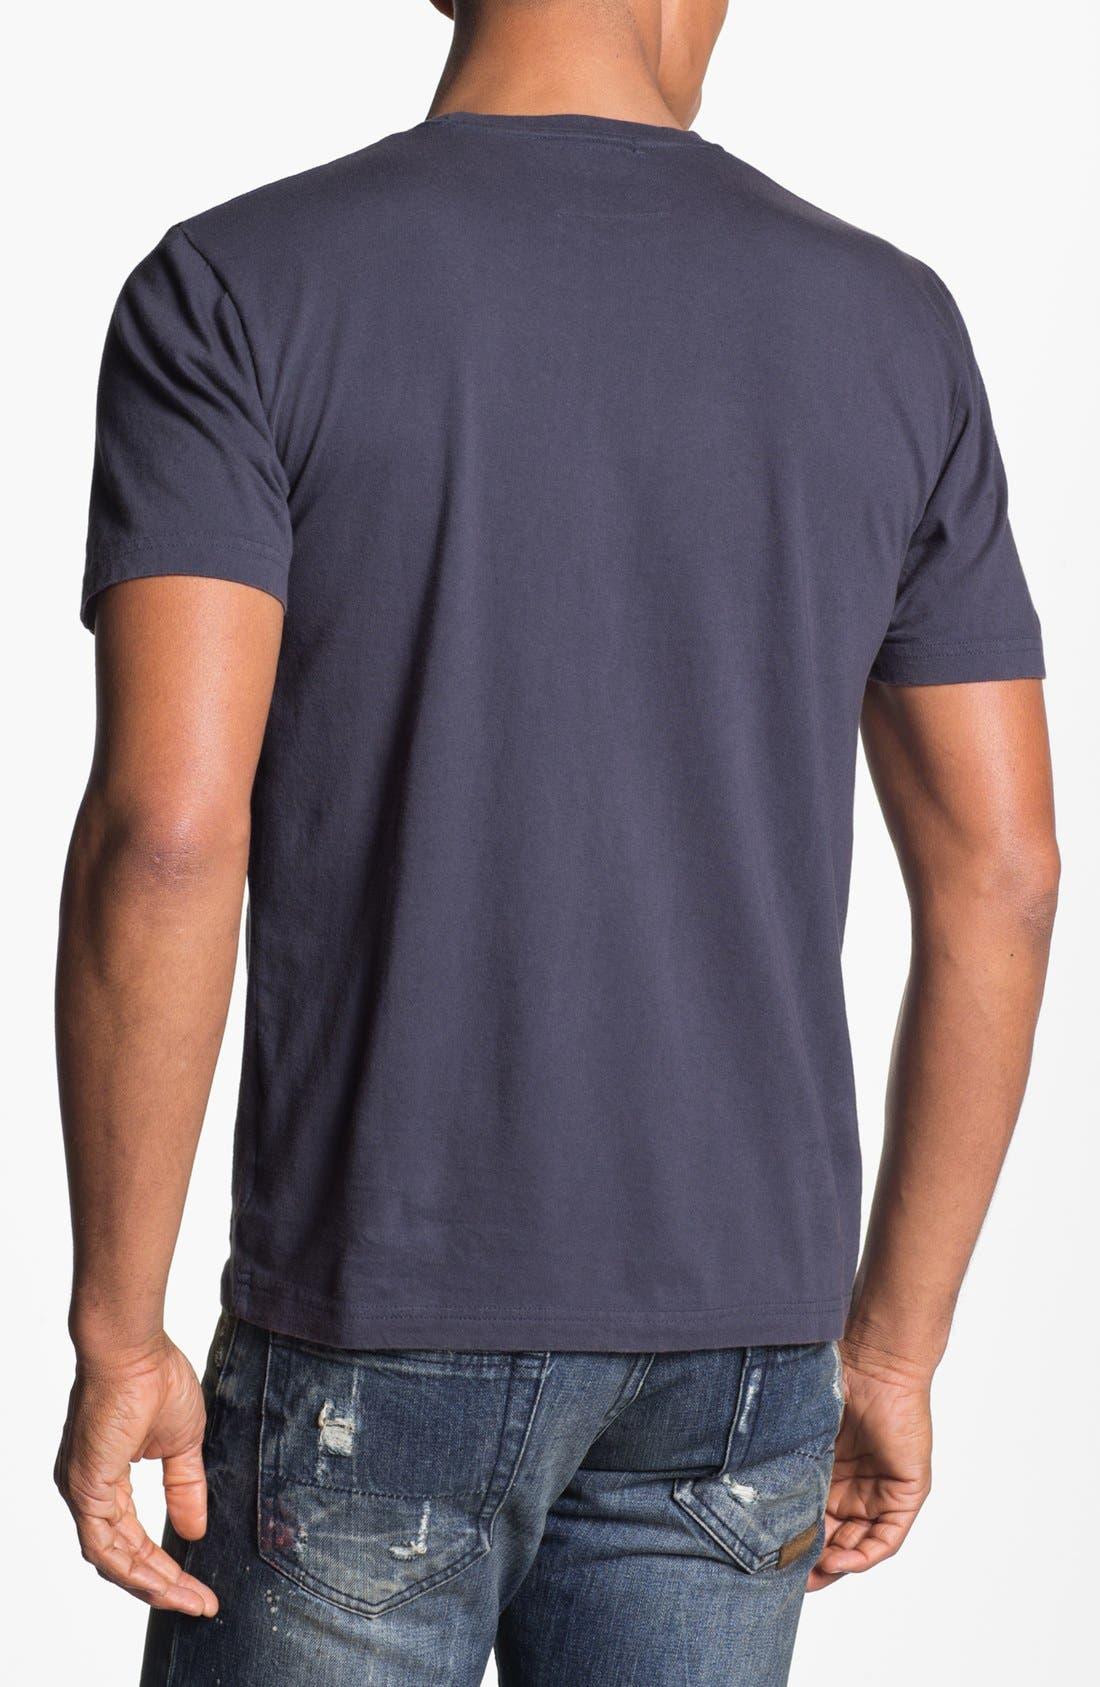 Alternate Image 2  - Red Jacket 'Tampa Bay Rays' Trim Fit T-Shirt (Men)